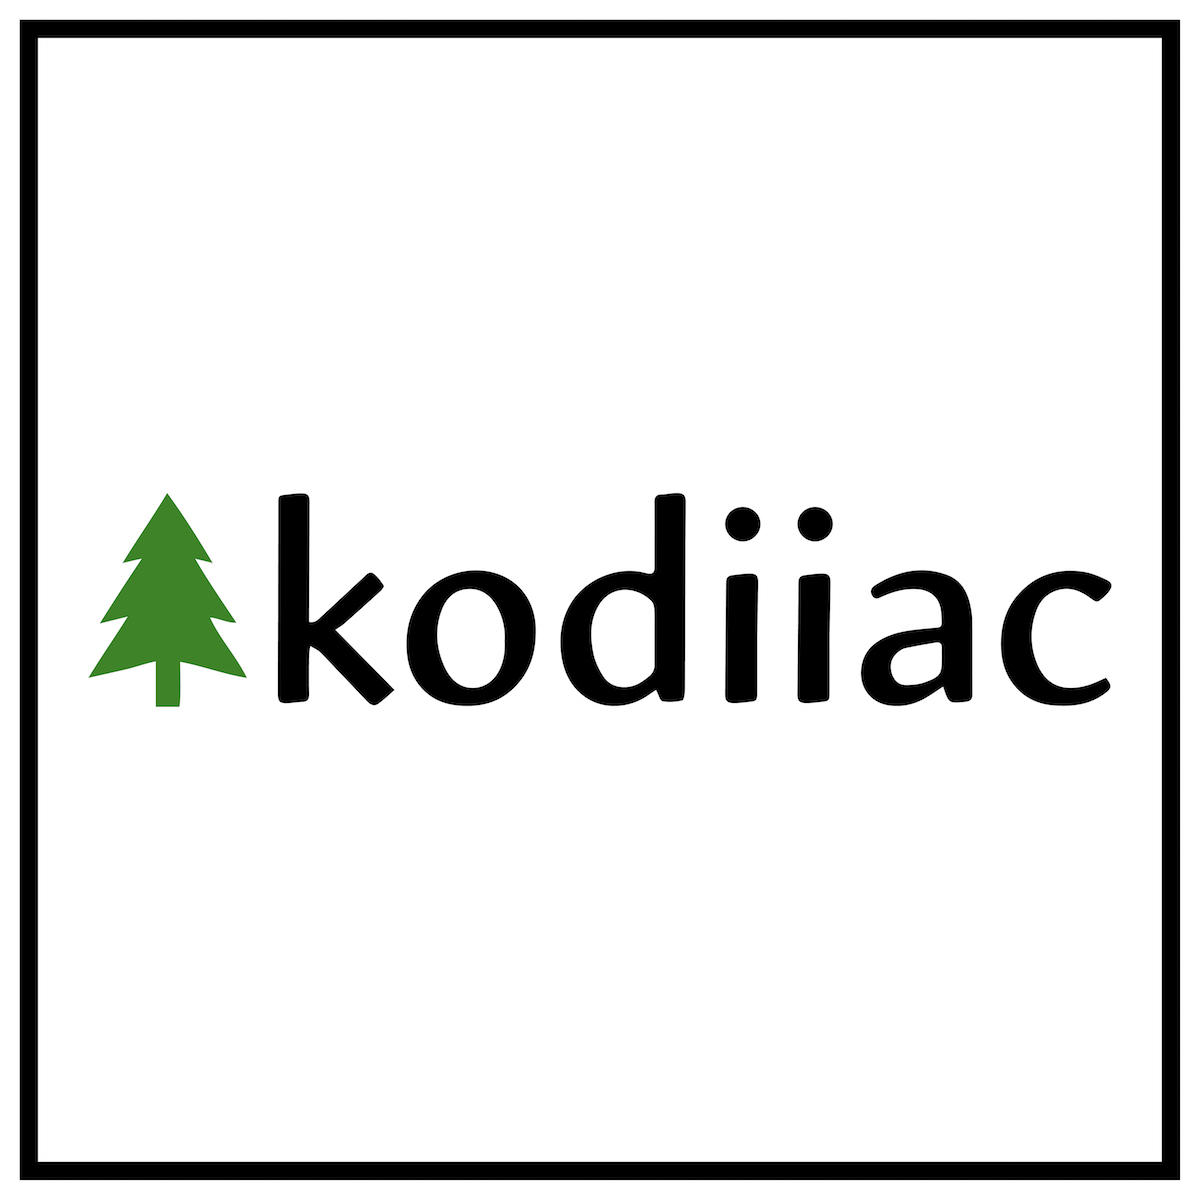 Kodiiac